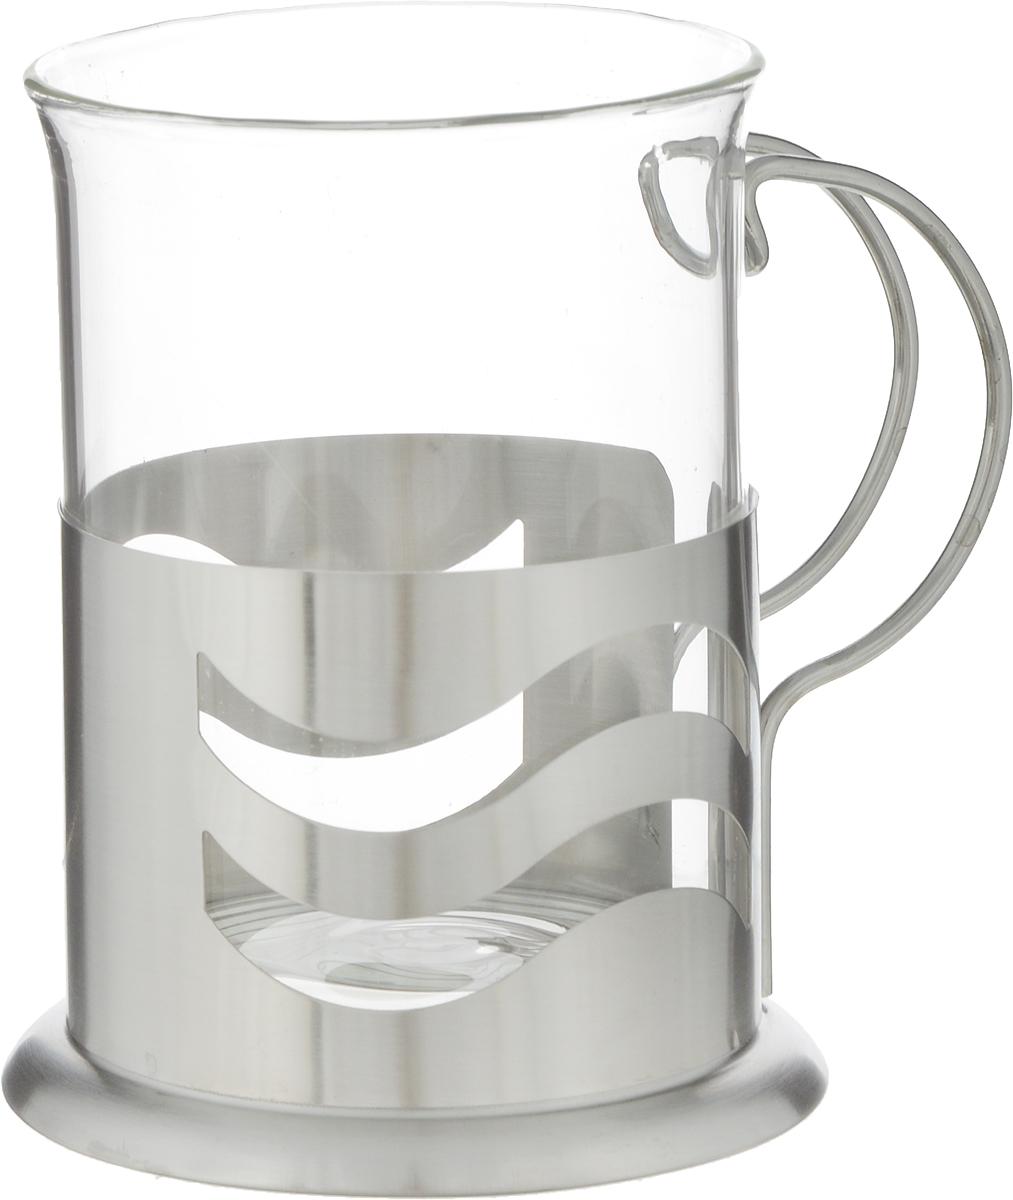 Стакан Teco Волна, с подстаканником, 200 млTC-G020_волнаСтакан Teco Волна изготовлен из термостойкого прочного стекла и оснащен металлическим подстаканником. Удобный стакан прекрасно подойдет для домашнего чаепития, его также можно взять с собой в дорогу или на пикник.Диаметр стакана: 6,5 см.Высота: 9,5 см.Диаметр основания: 7,5 см.